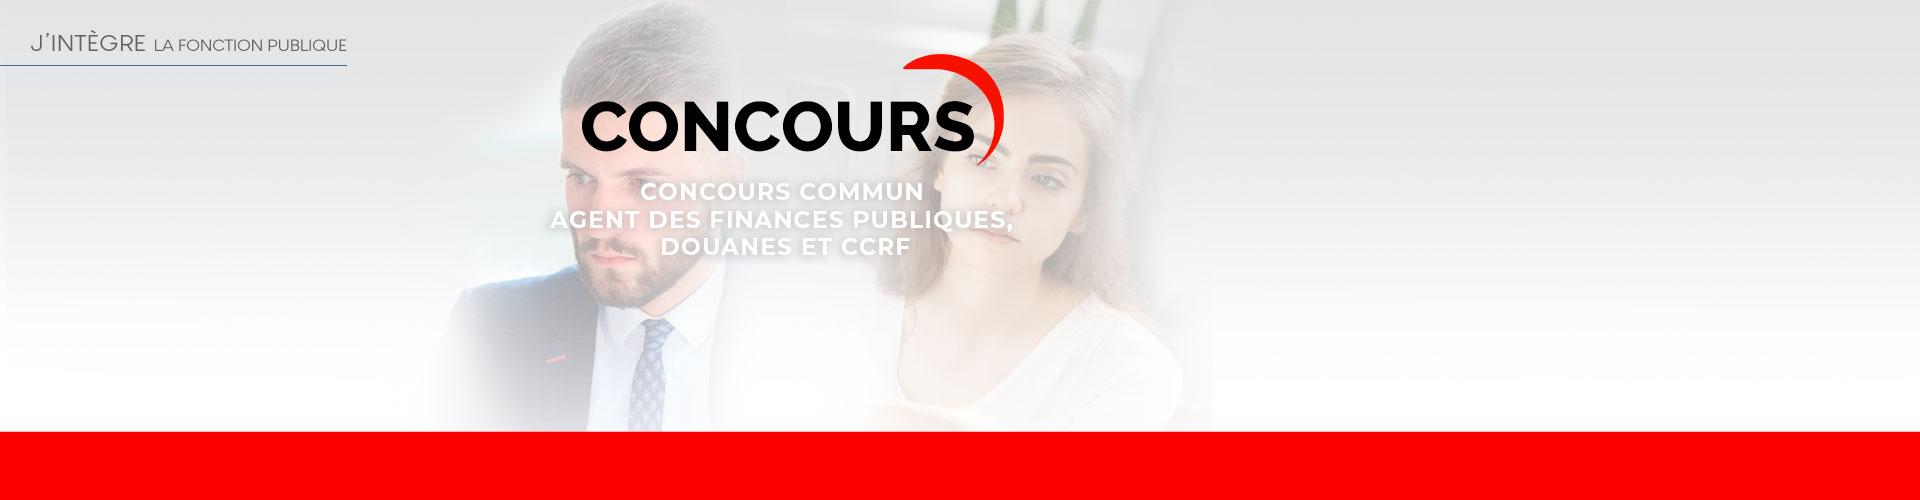 Comment bien préparer le concours commun Agent des finances publiques, douanes et CCRF ?